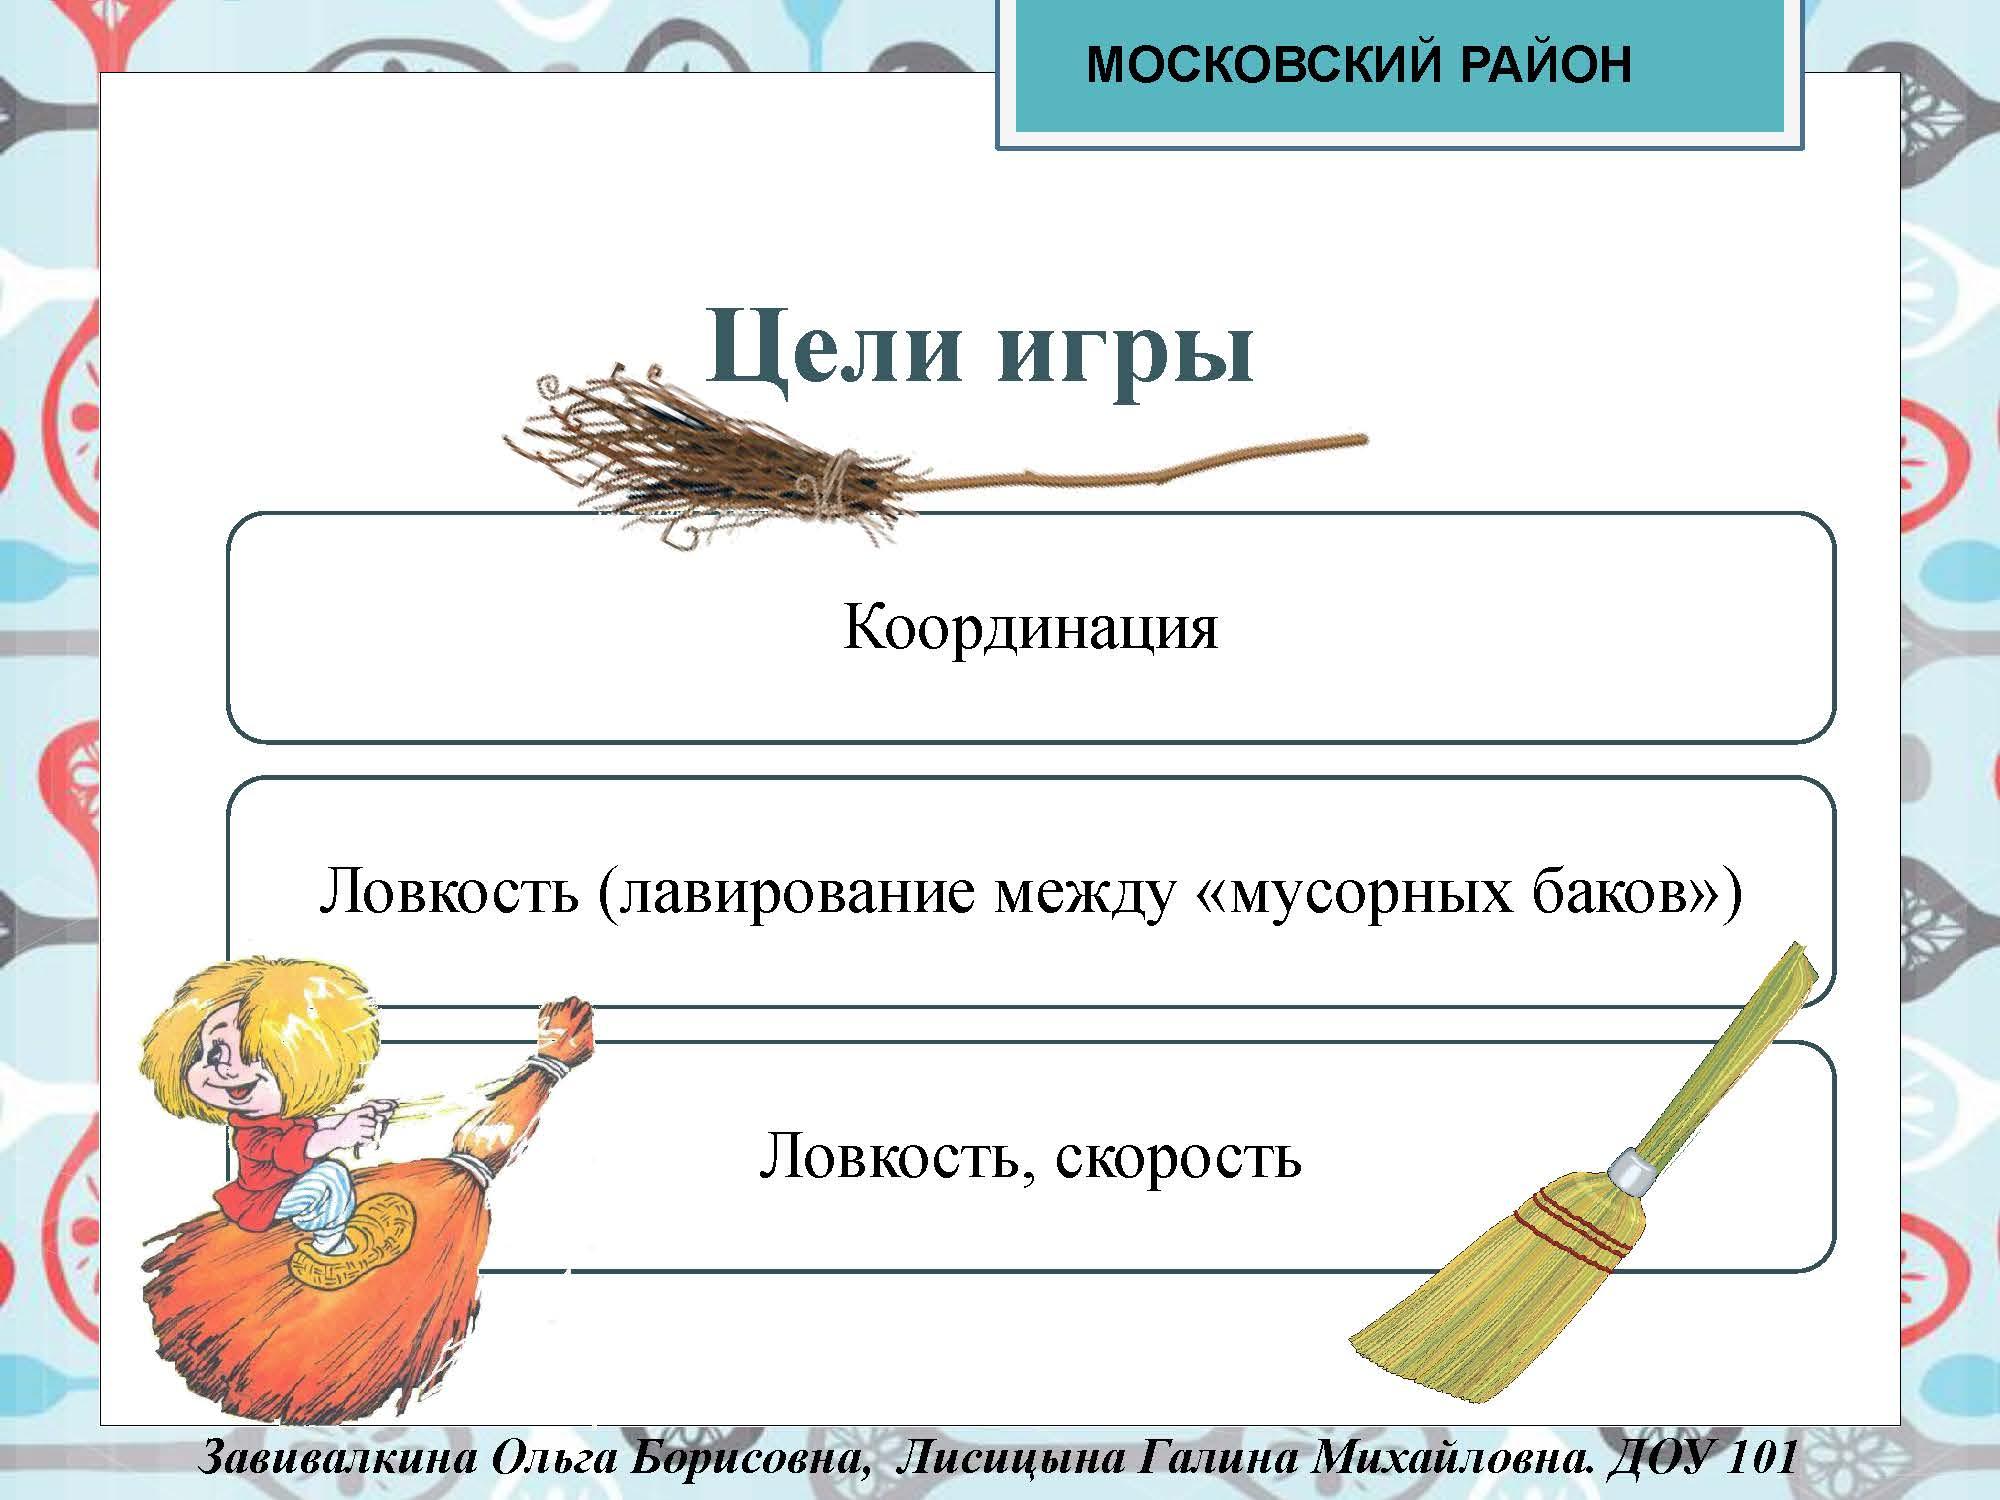 секция 8. ДОУ 101, эко. Московский район_Страница_06